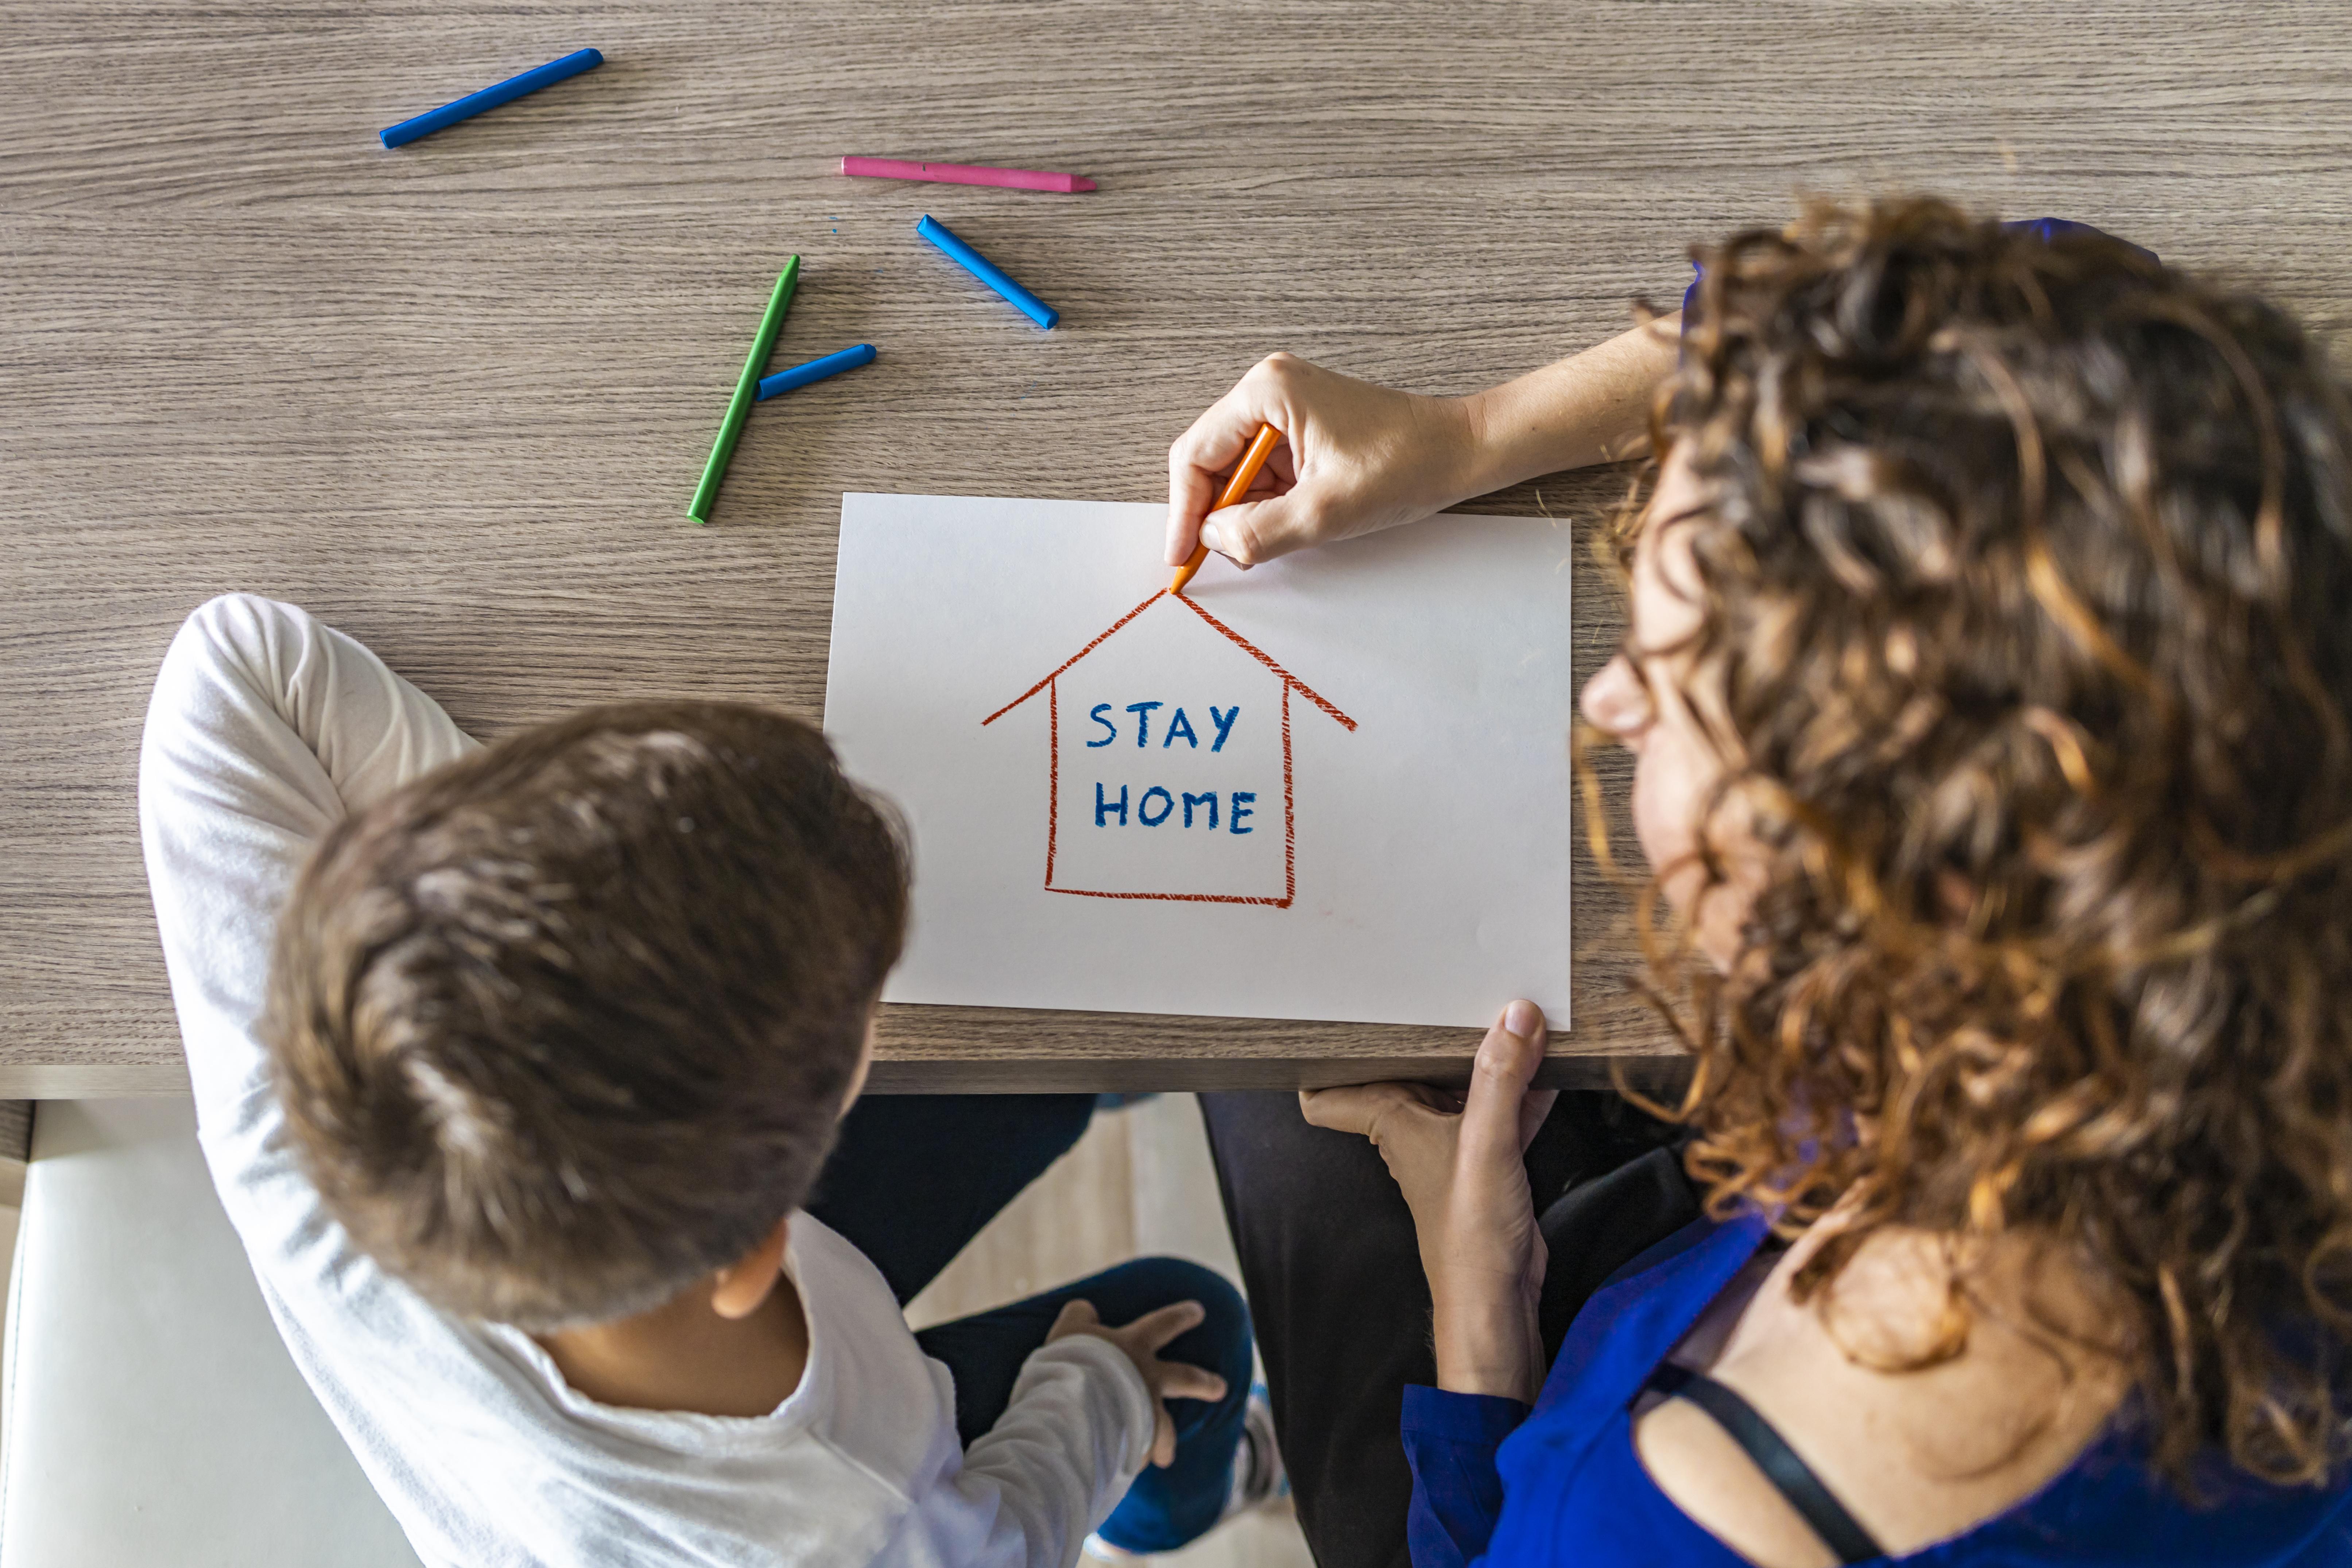 Los niños y los consejos sobre el coronavirus